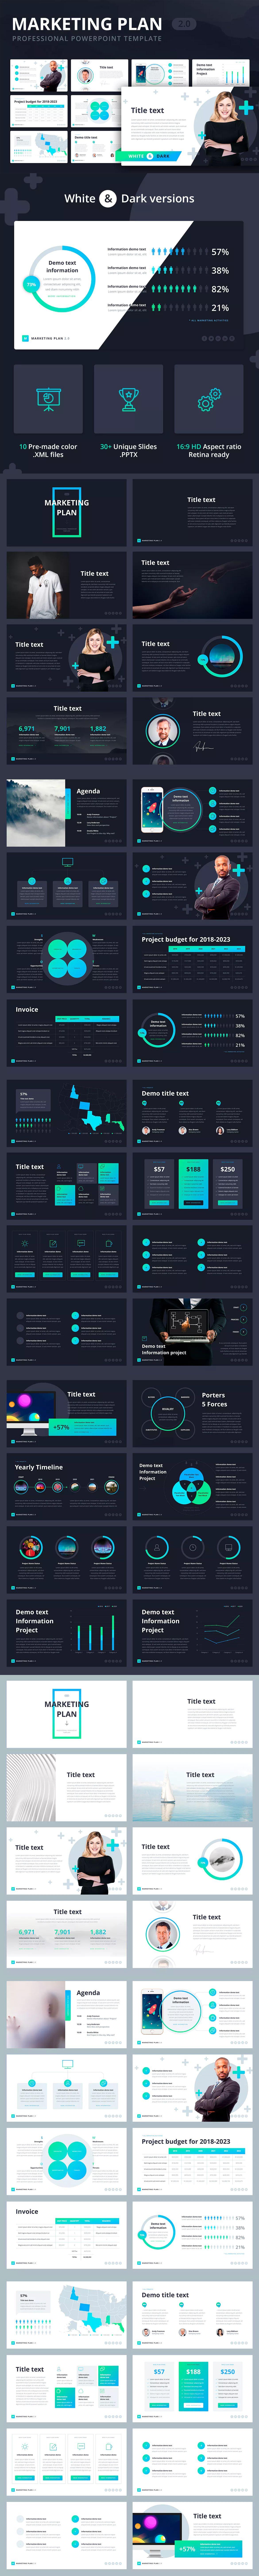 marketing plan powerpoint presentation template unlimiteddownloads